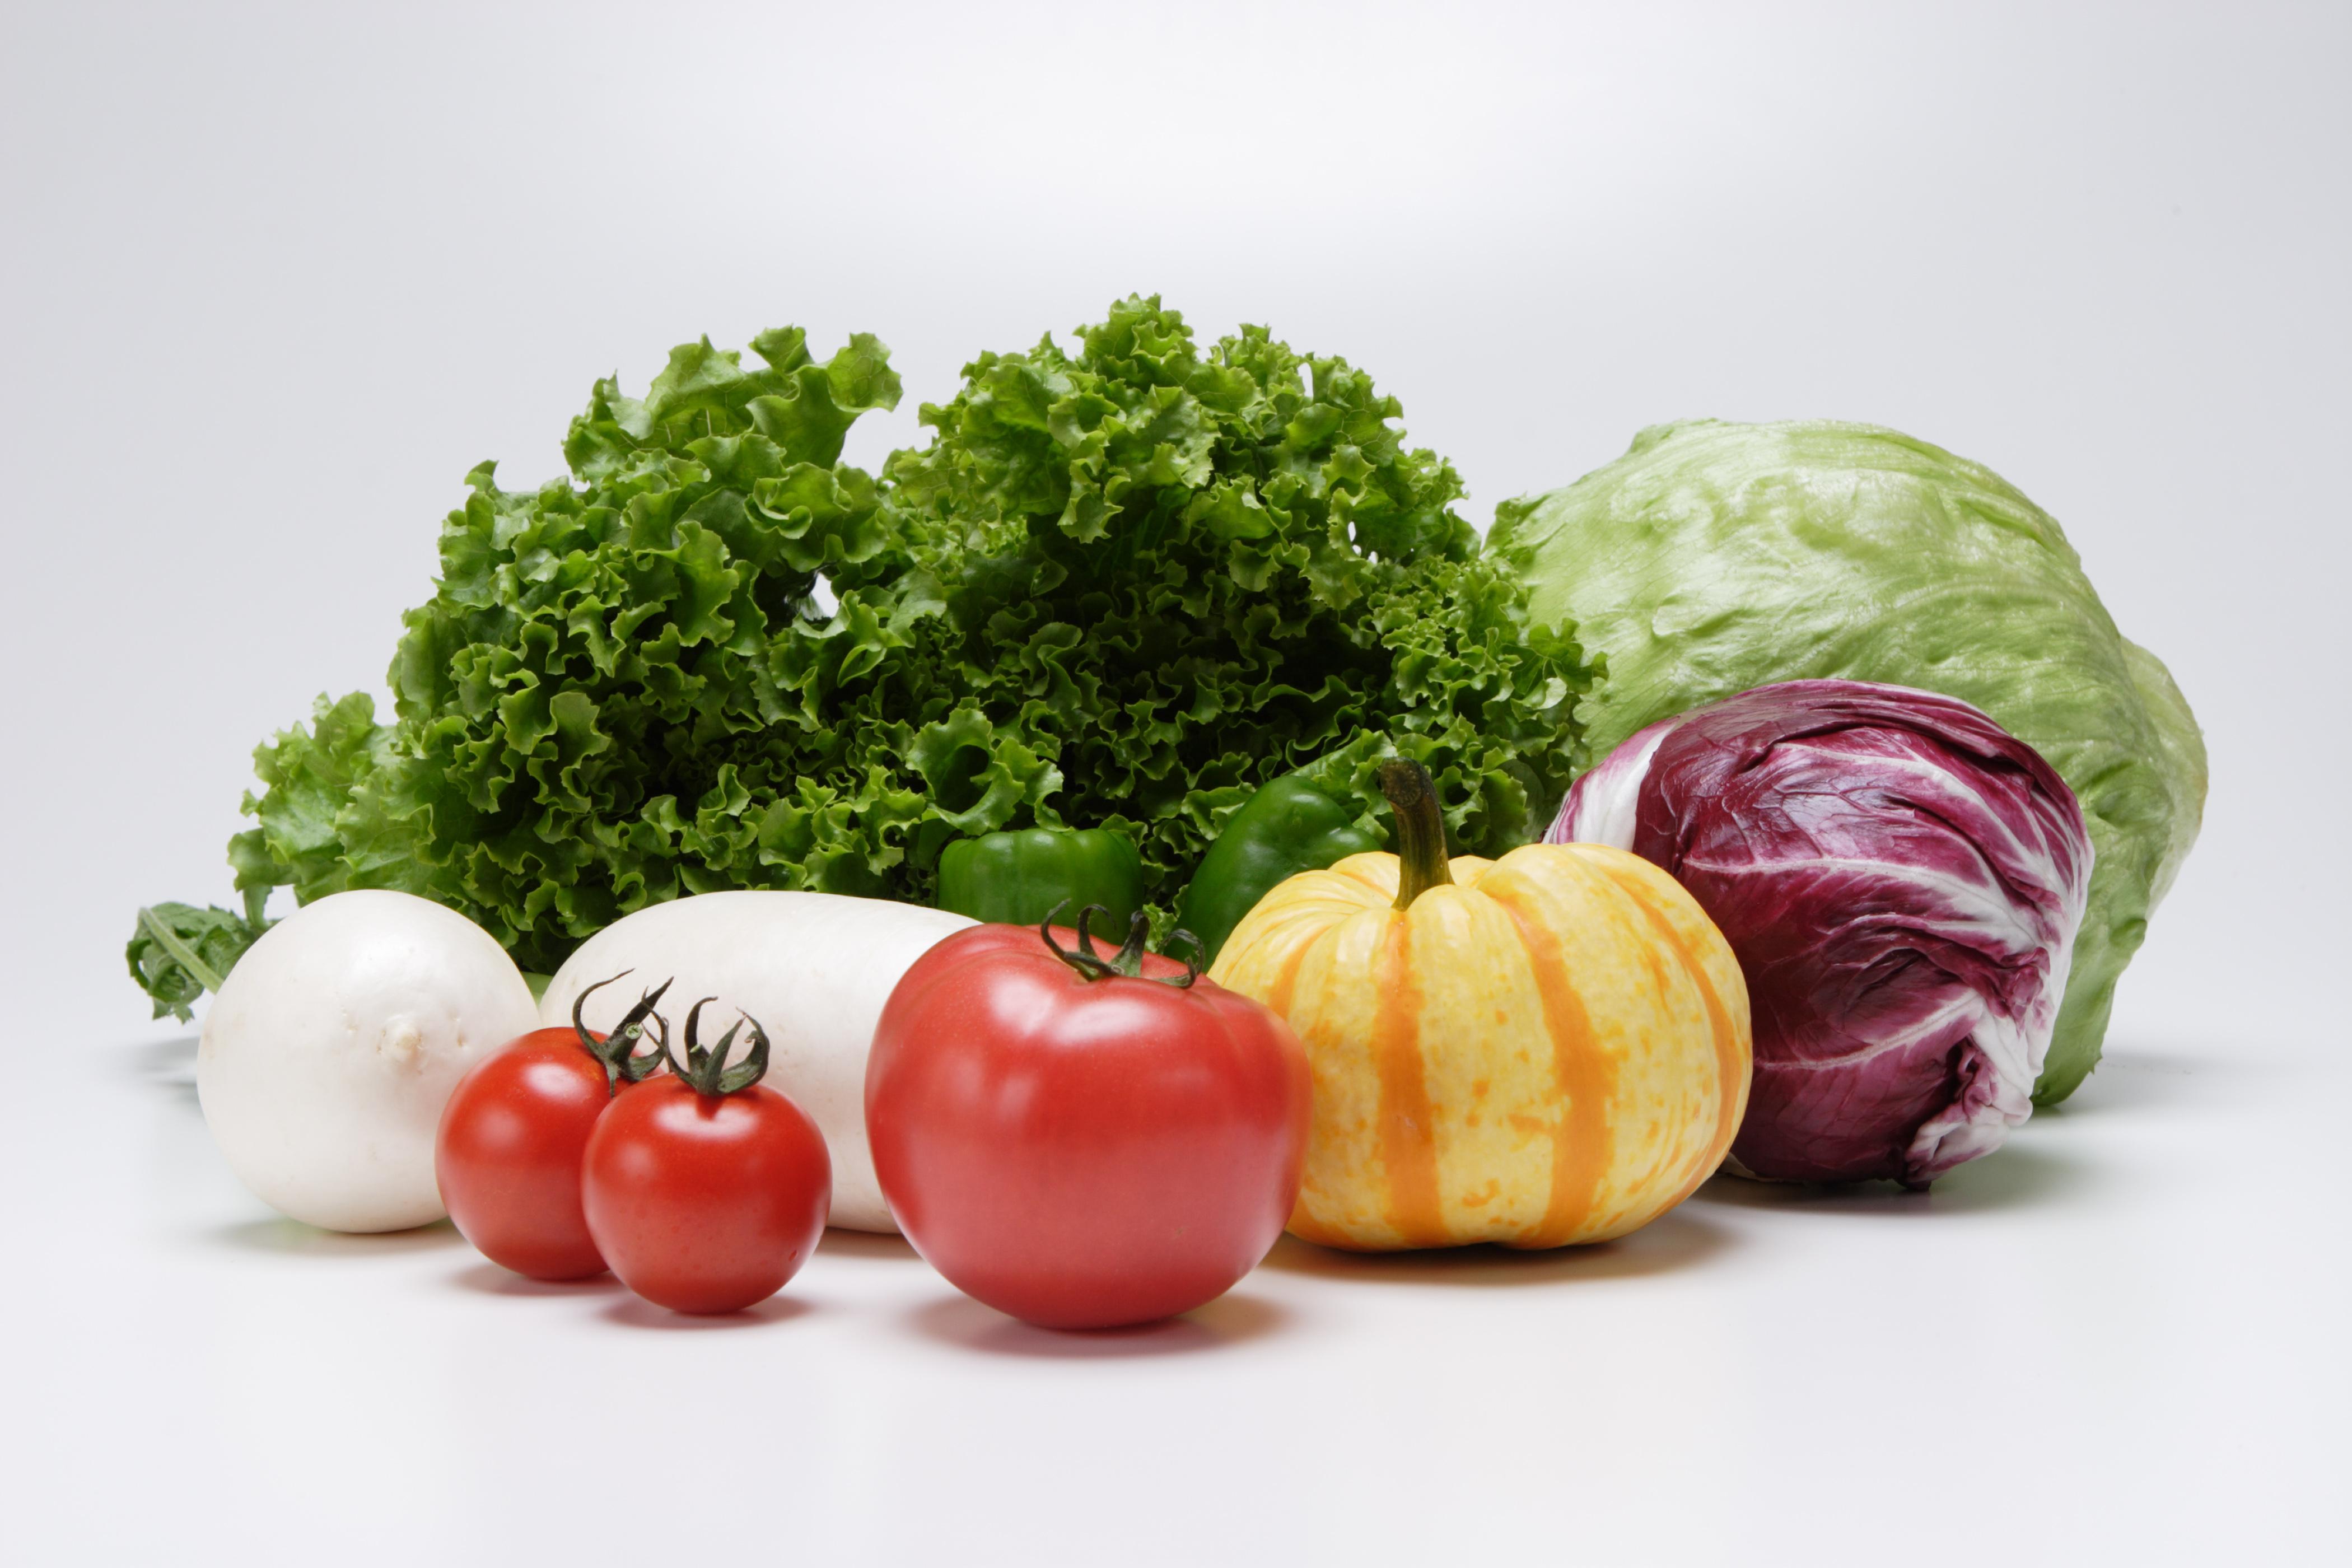 安い野菜、果物の危険性